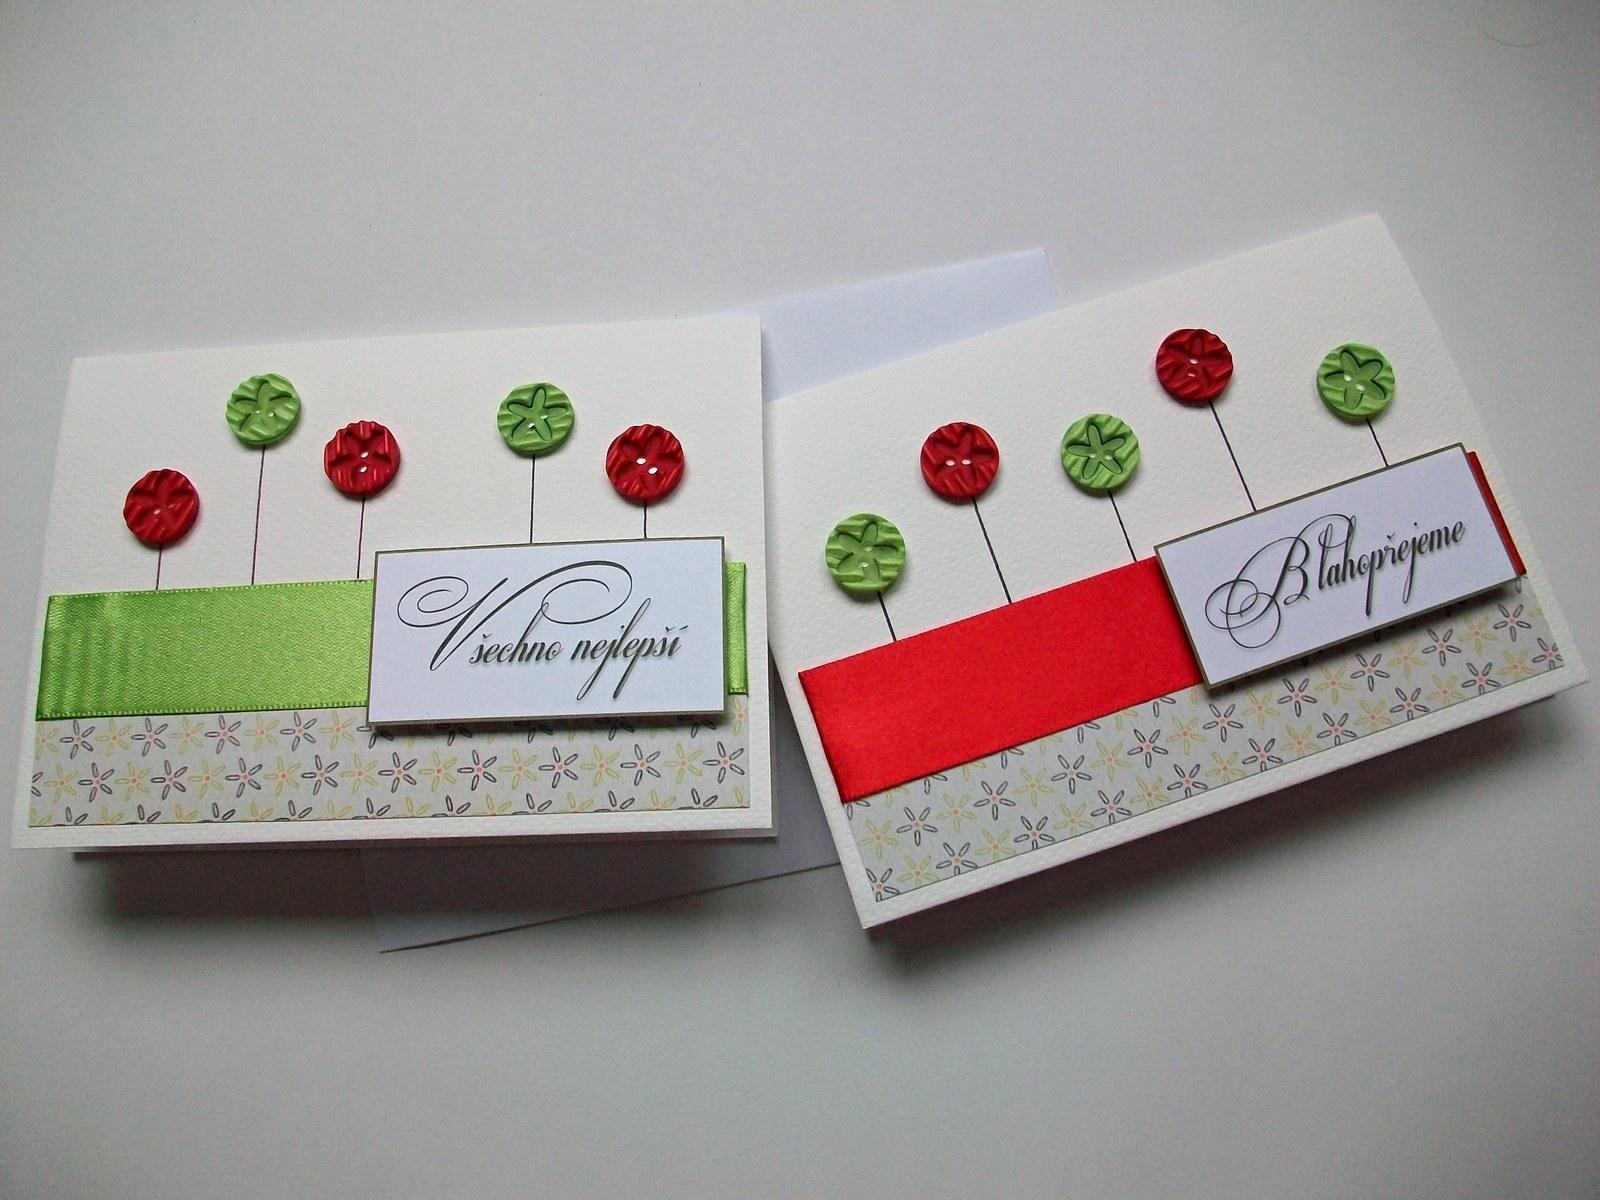 papírová přání k narozeninám 2x Přání k narozeninám č.35 / Zboží prodejce MilaJa | Fler.cz papírová přání k narozeninám